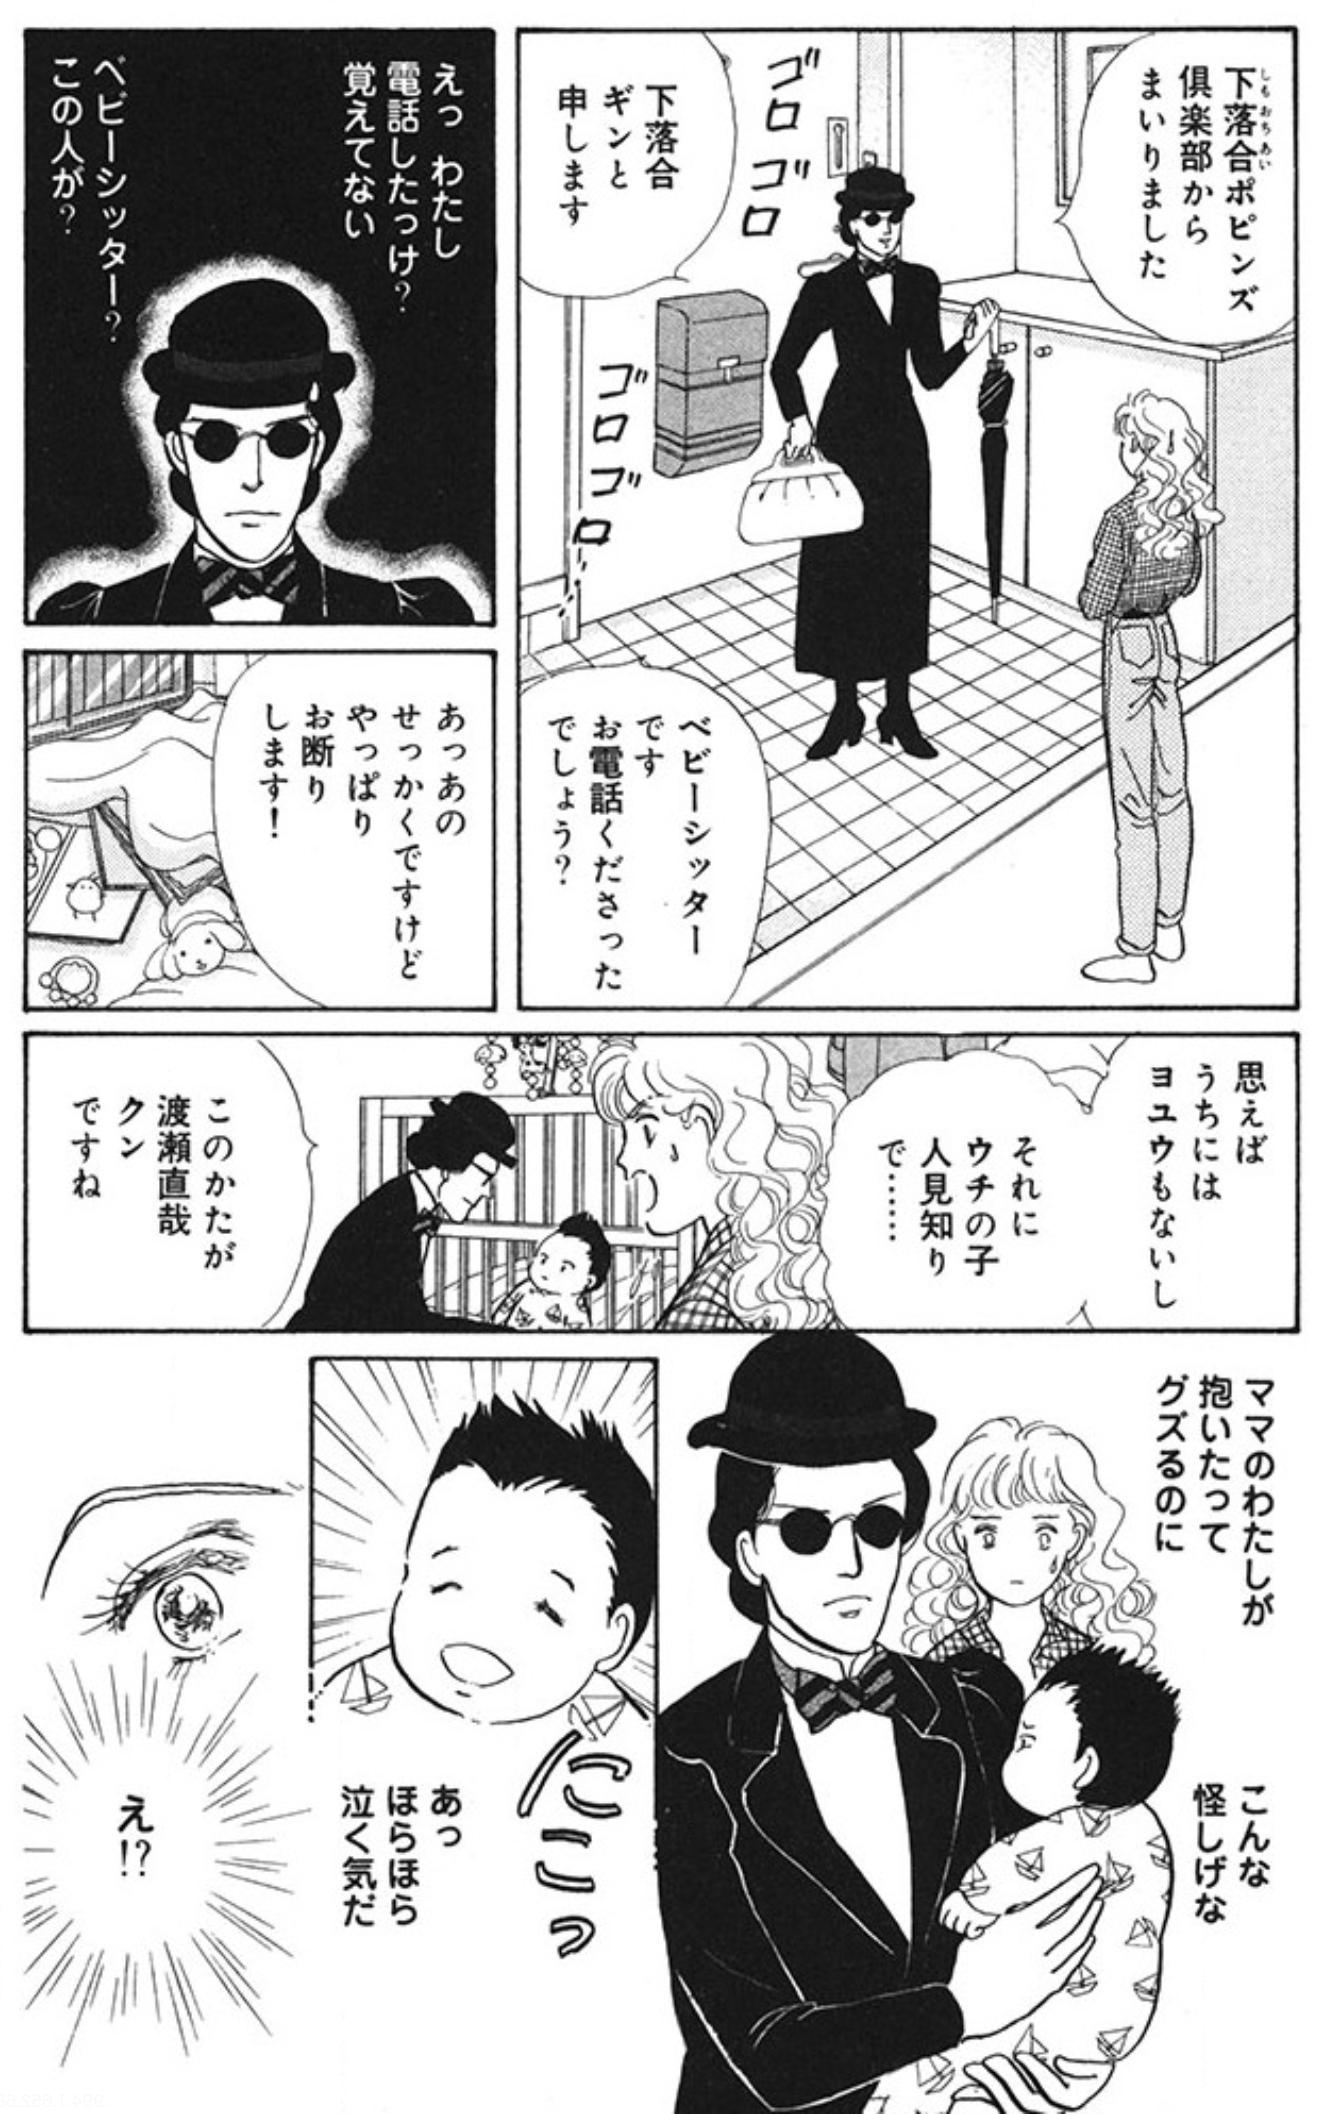 漫画『ベビーシッター・ギン!』の魅力1:圧倒的インパクトを持つギン